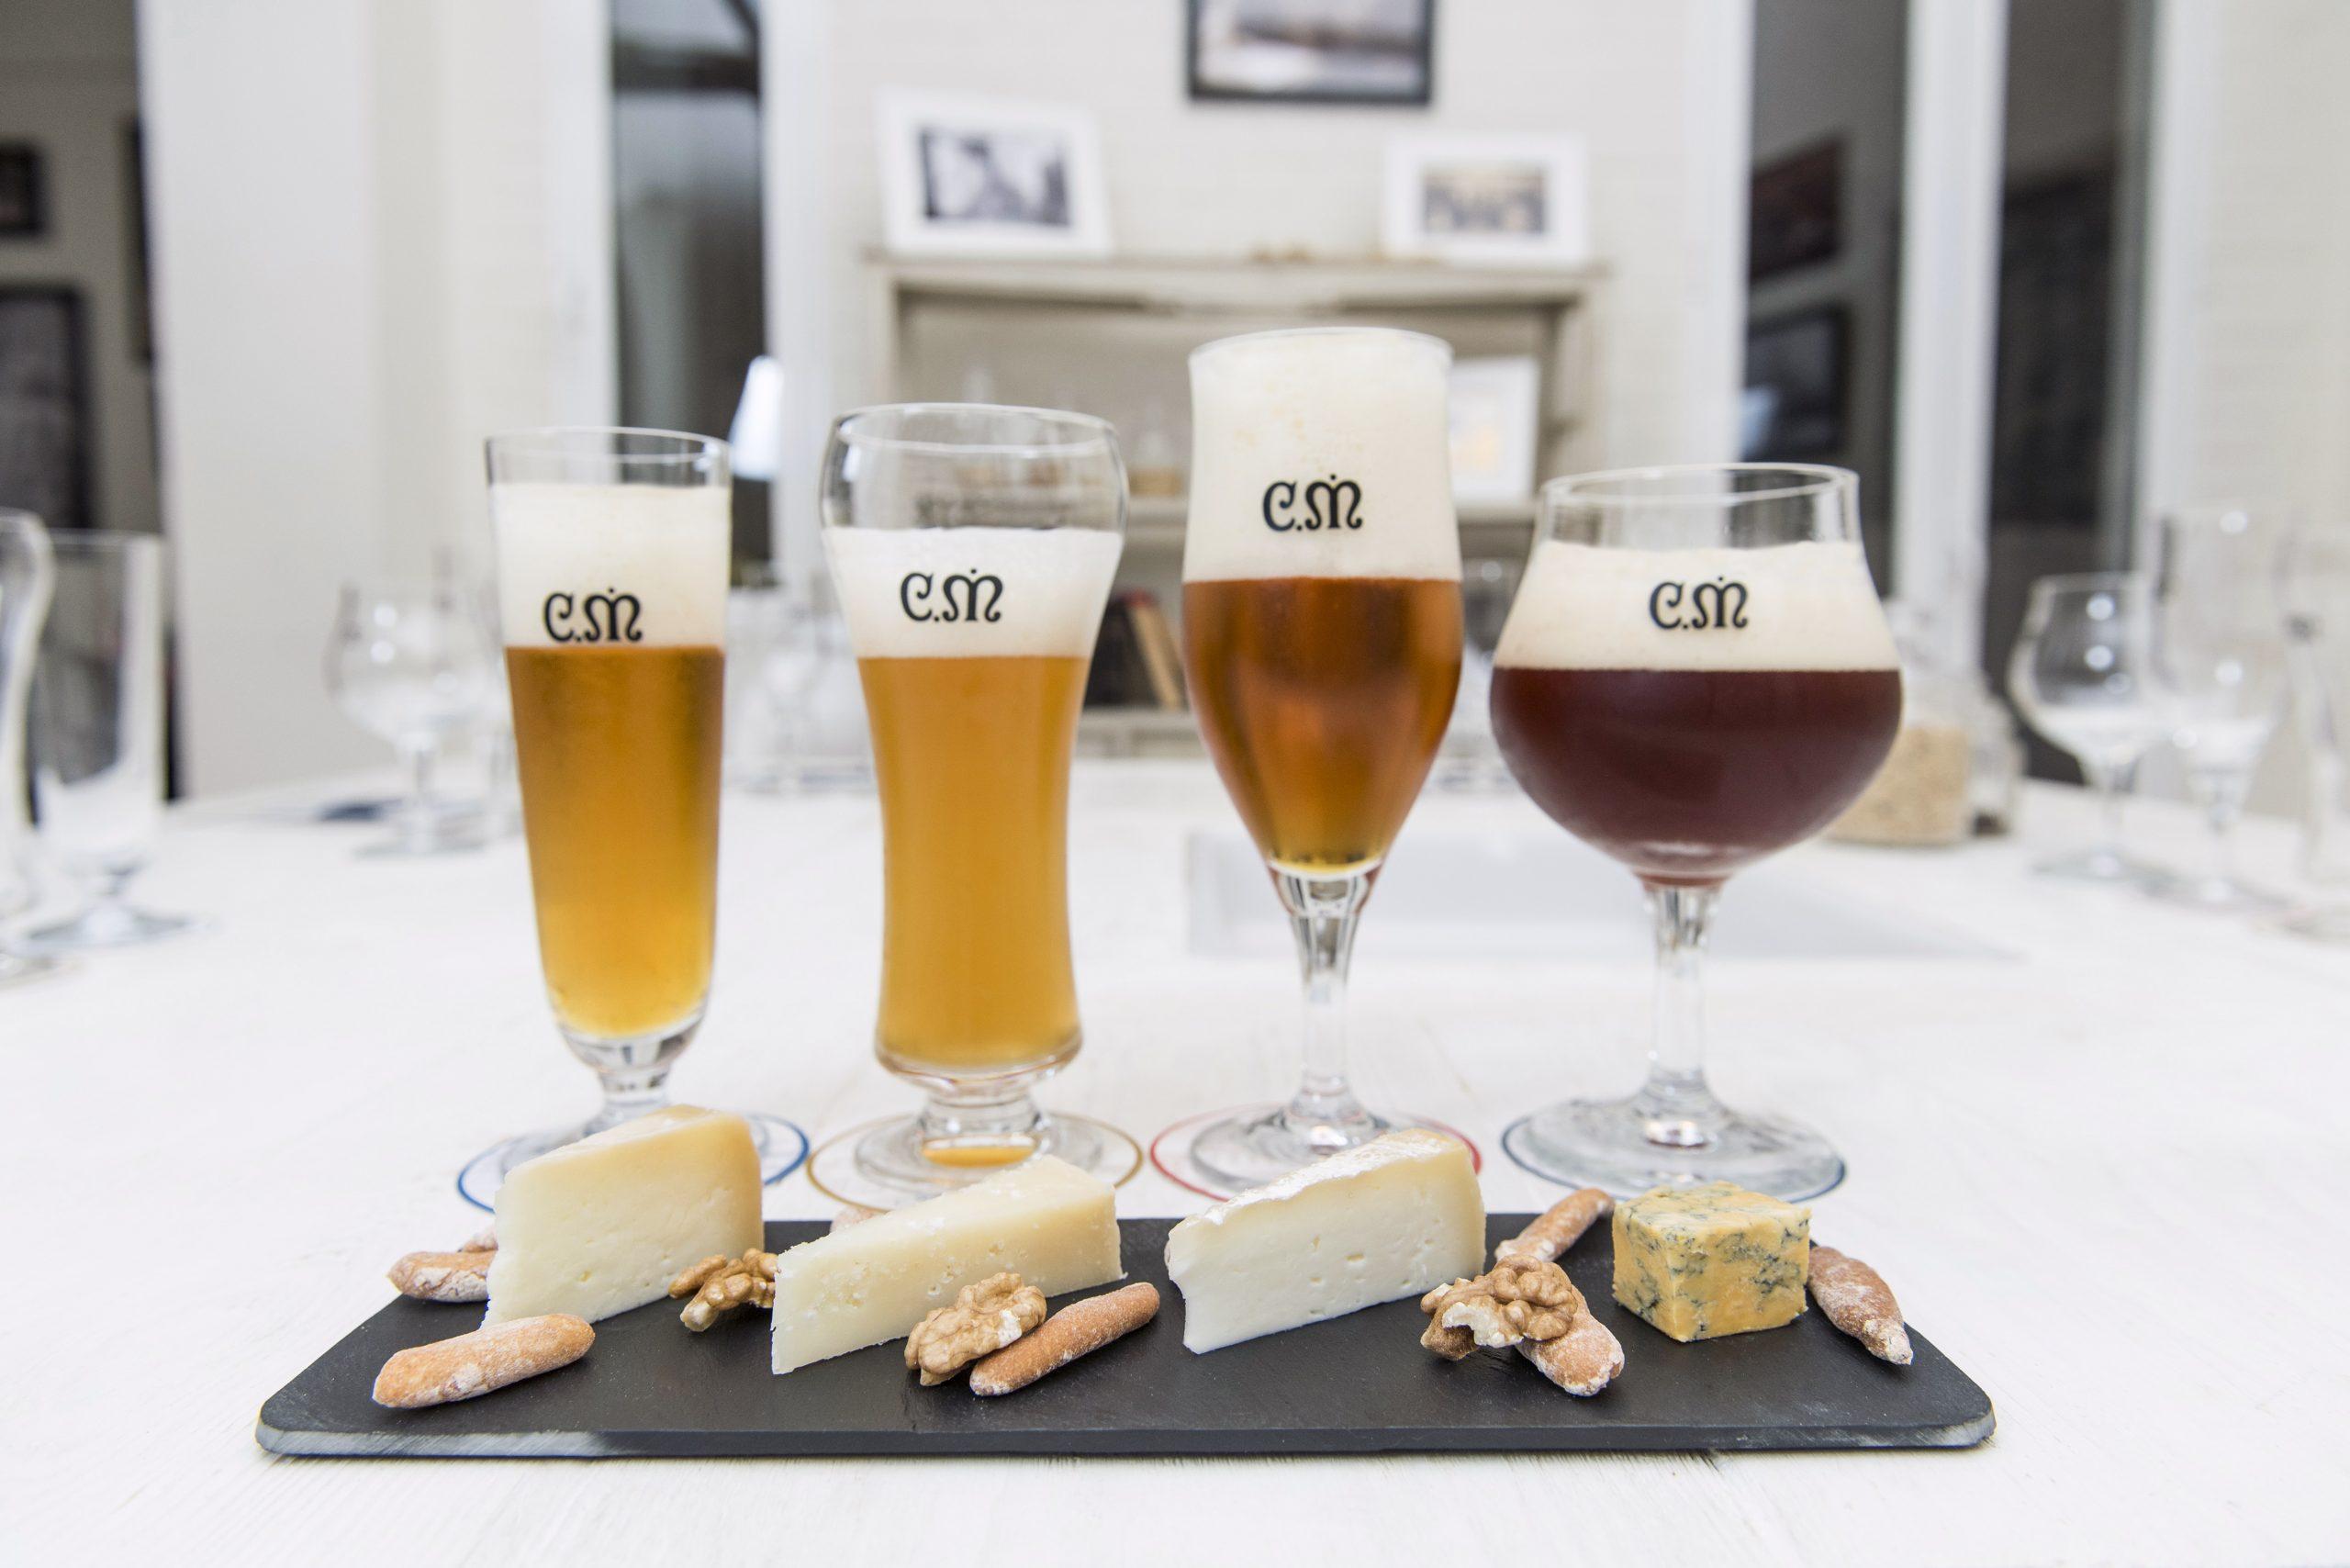 Cata maridaje Casimiro Mahou con 4 quesos Espacio Casimiro Mahou , Madrid